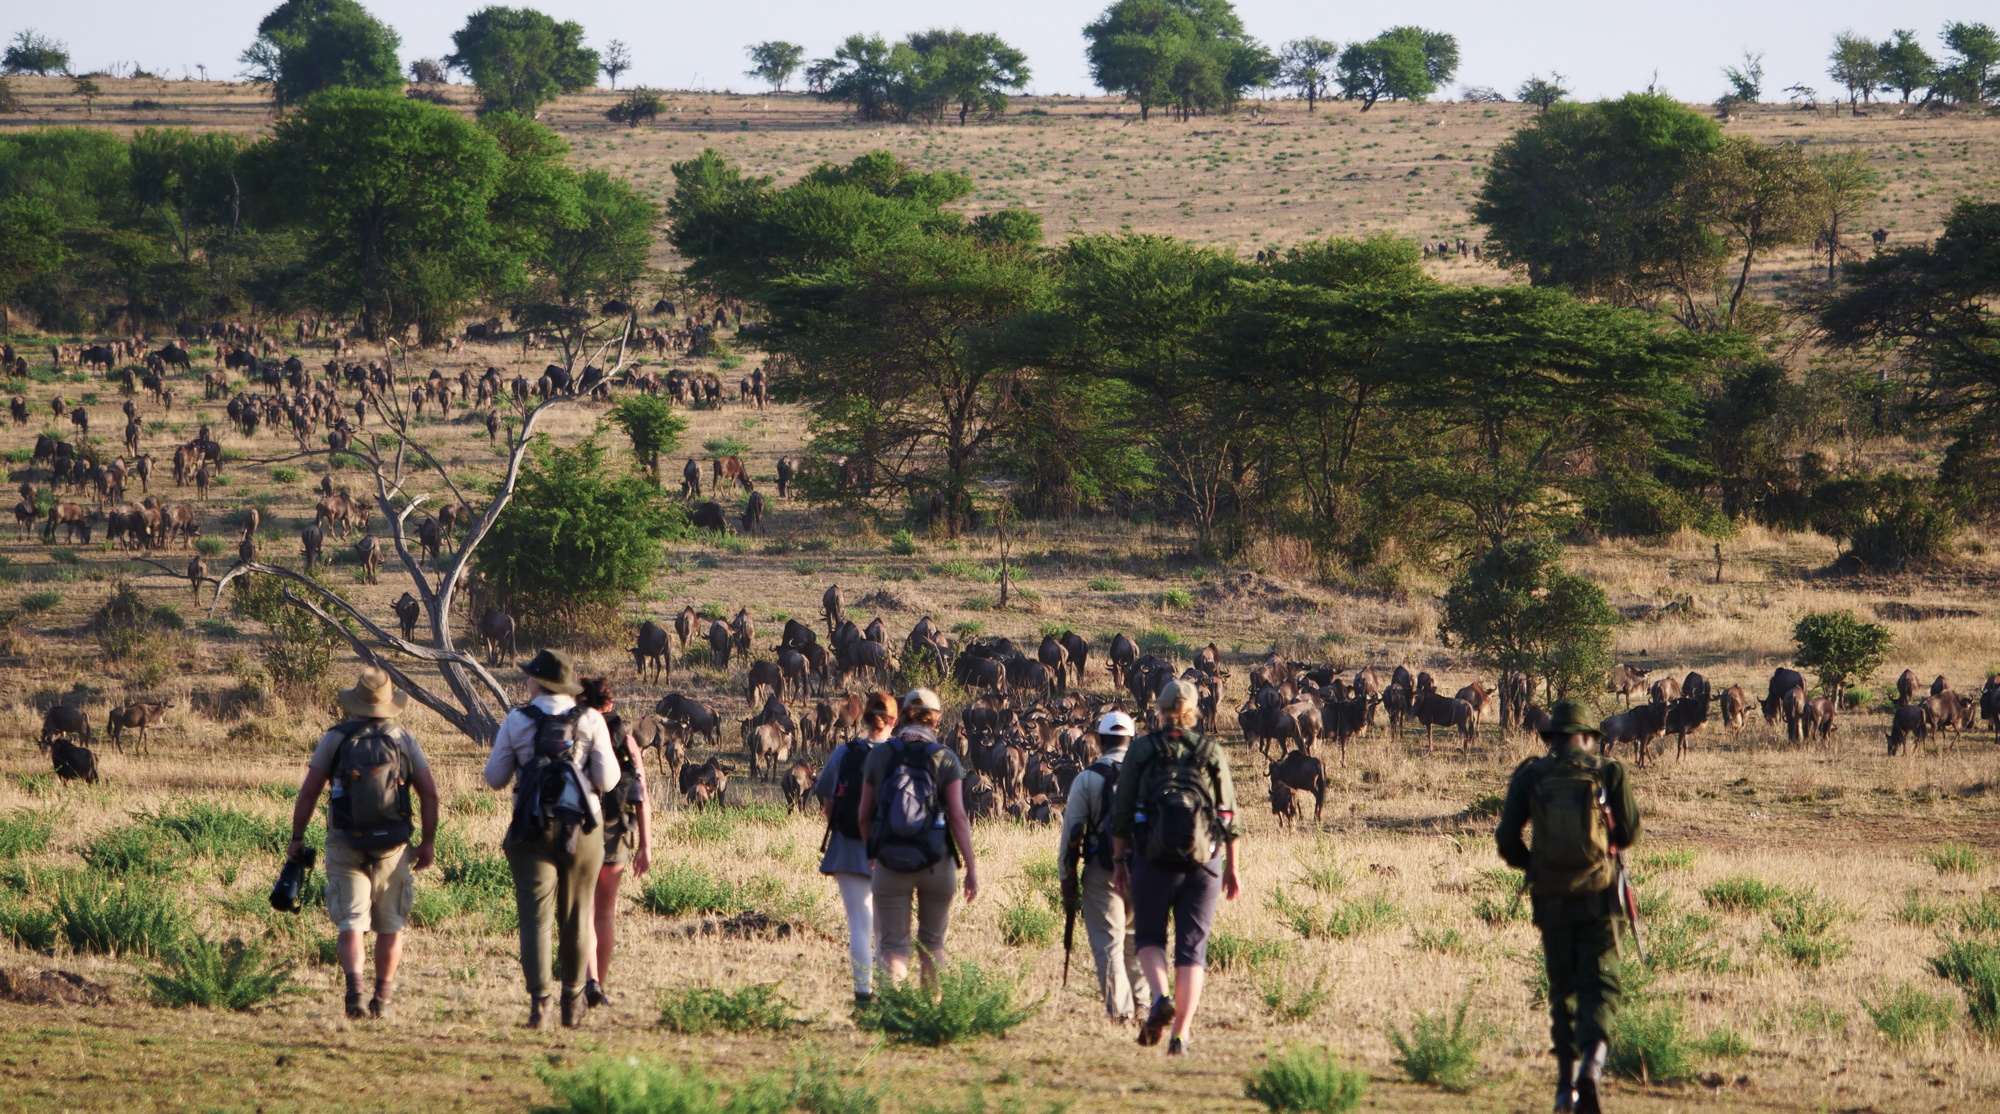 Walking safari guests approaching herd of wildebeests in Serengeti